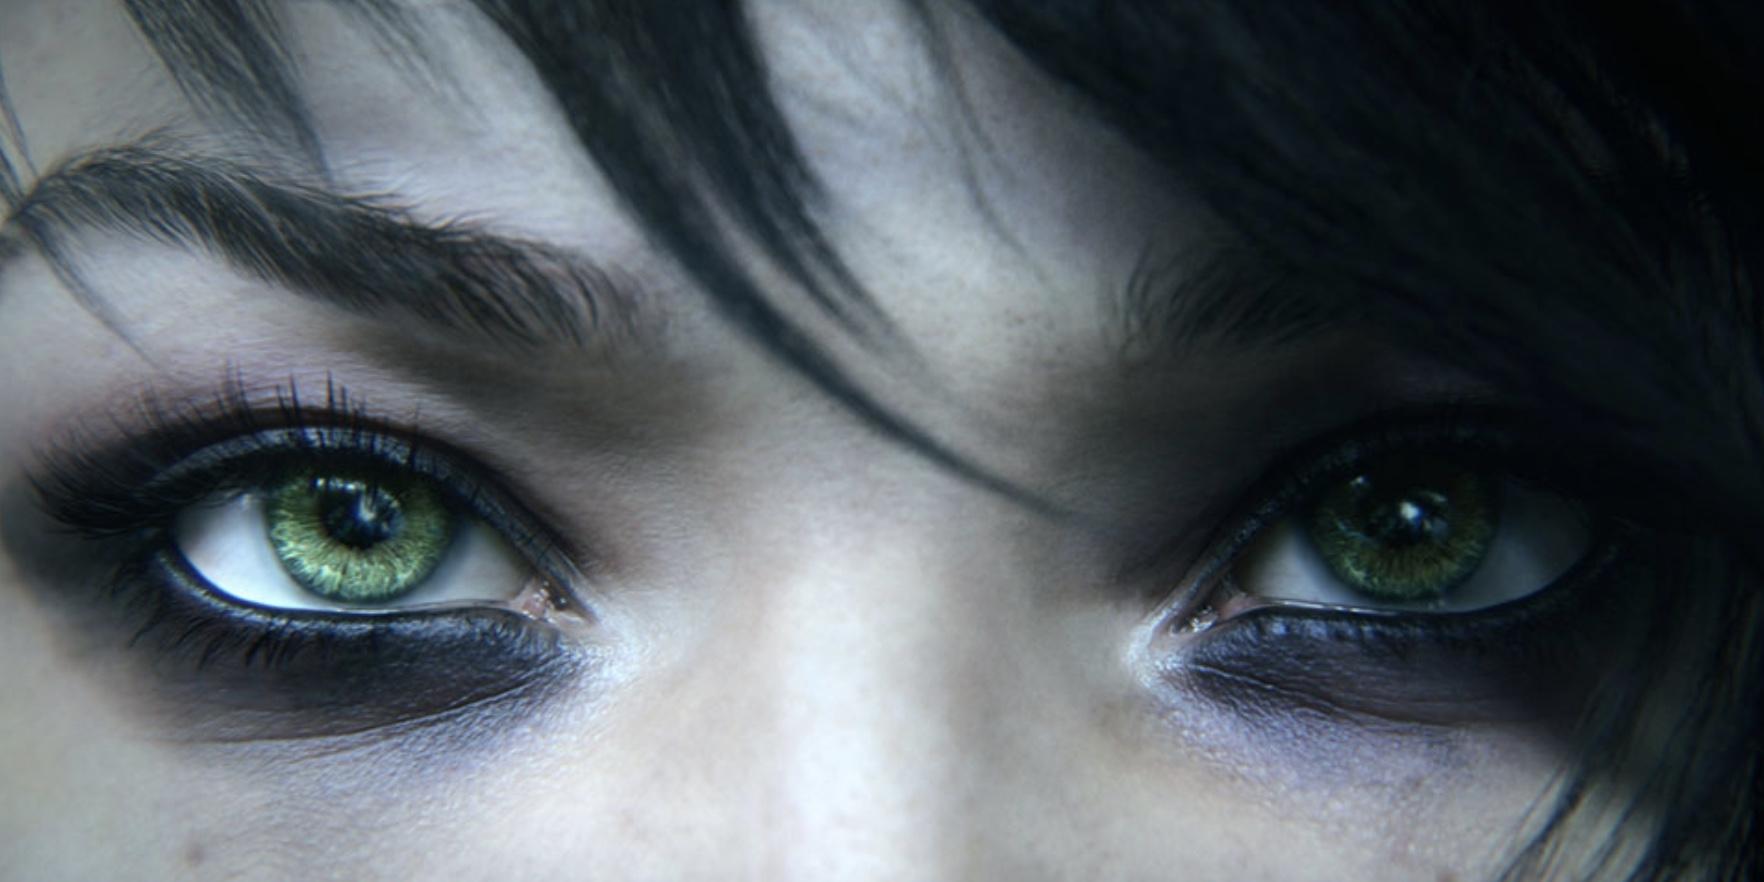 beyond_good_and_evil_2_eyes.jpeg